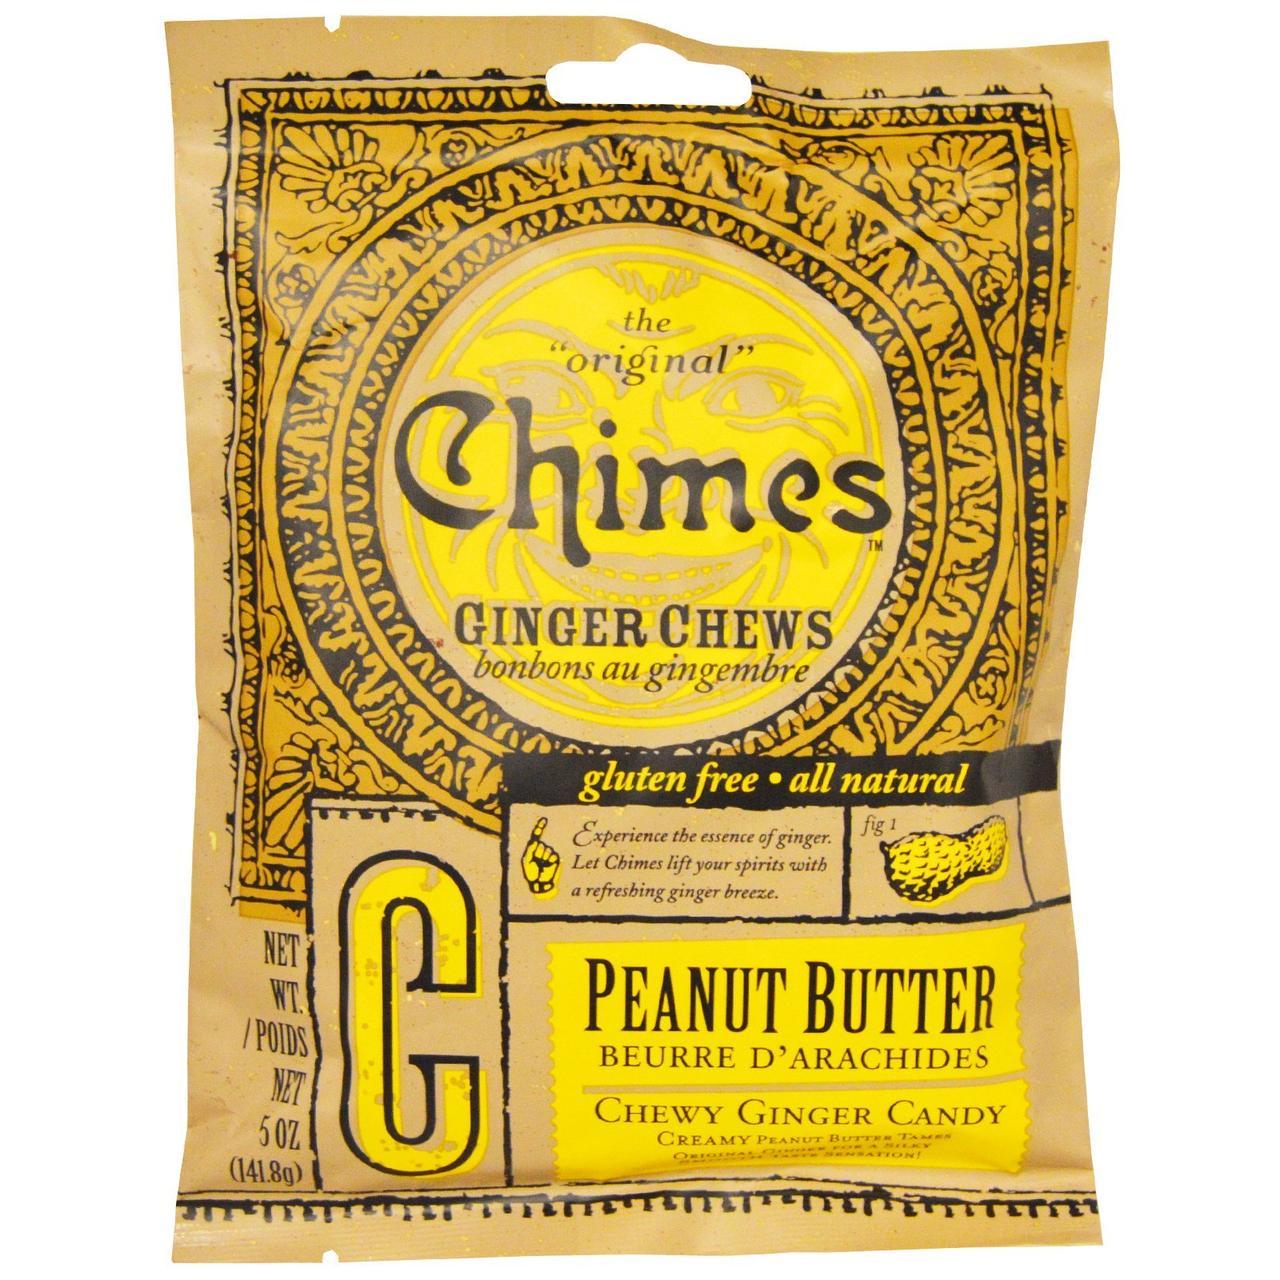 Chimes, Імбирні жувальні цукерки, арахісове масло, 5 oz (141,8 г)